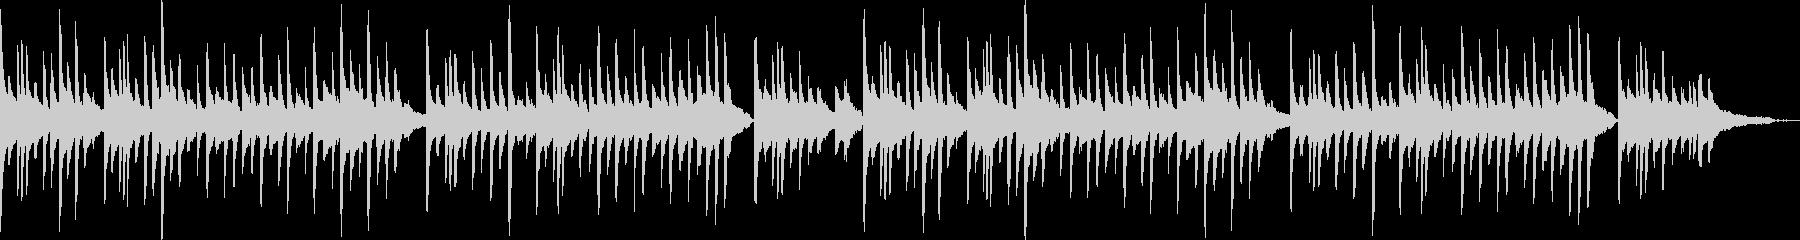 ピアノソロの寂しいワルツの未再生の波形